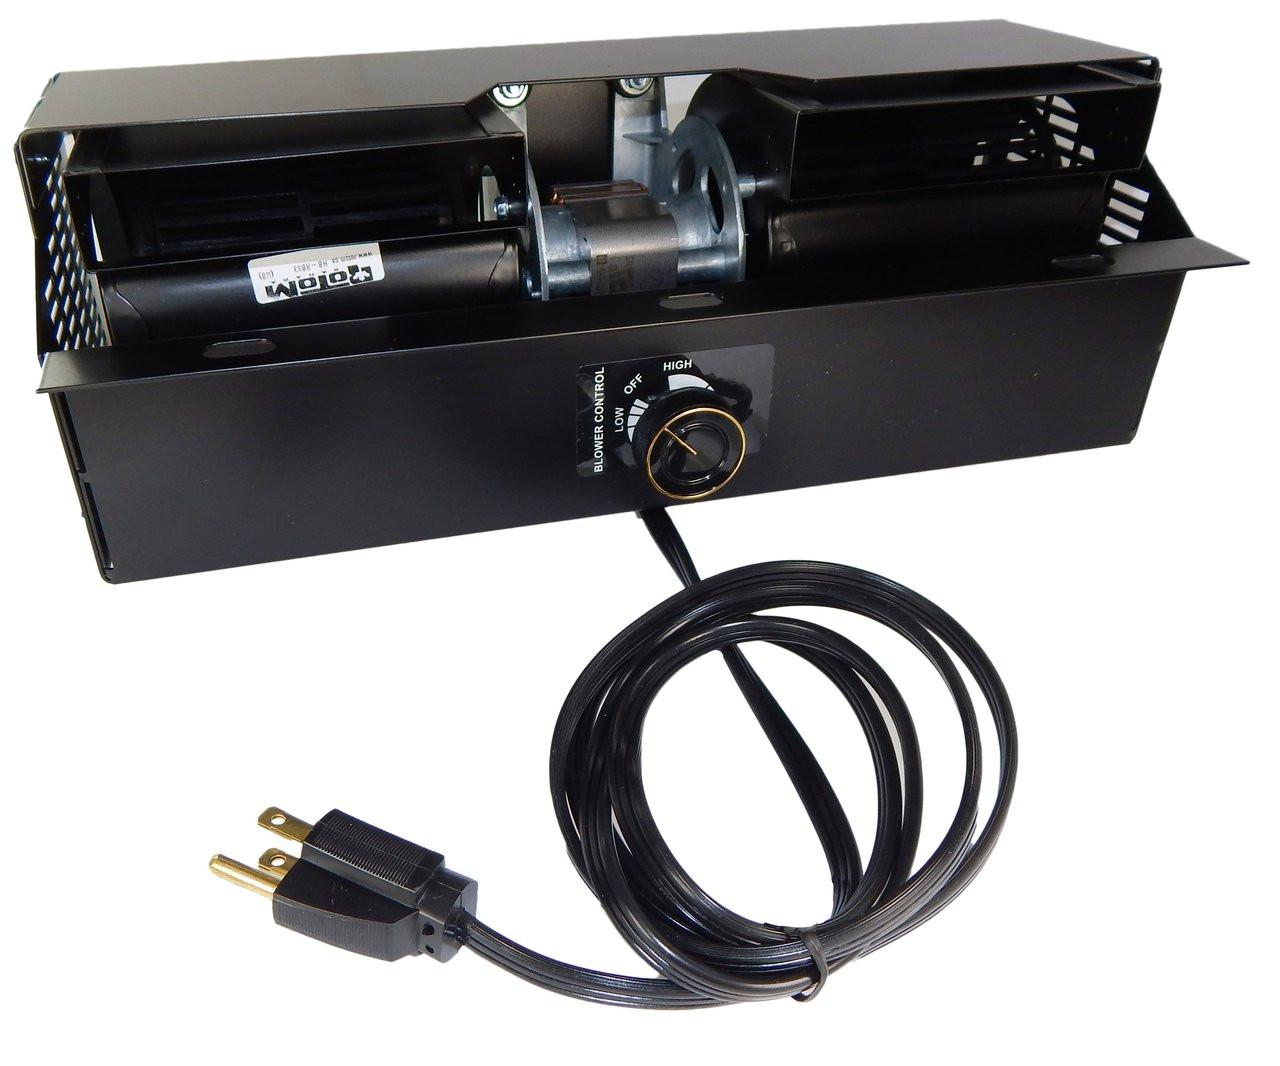 fireplace insert fan motor wiring diagram [ 1280 x 1066 Pixel ]